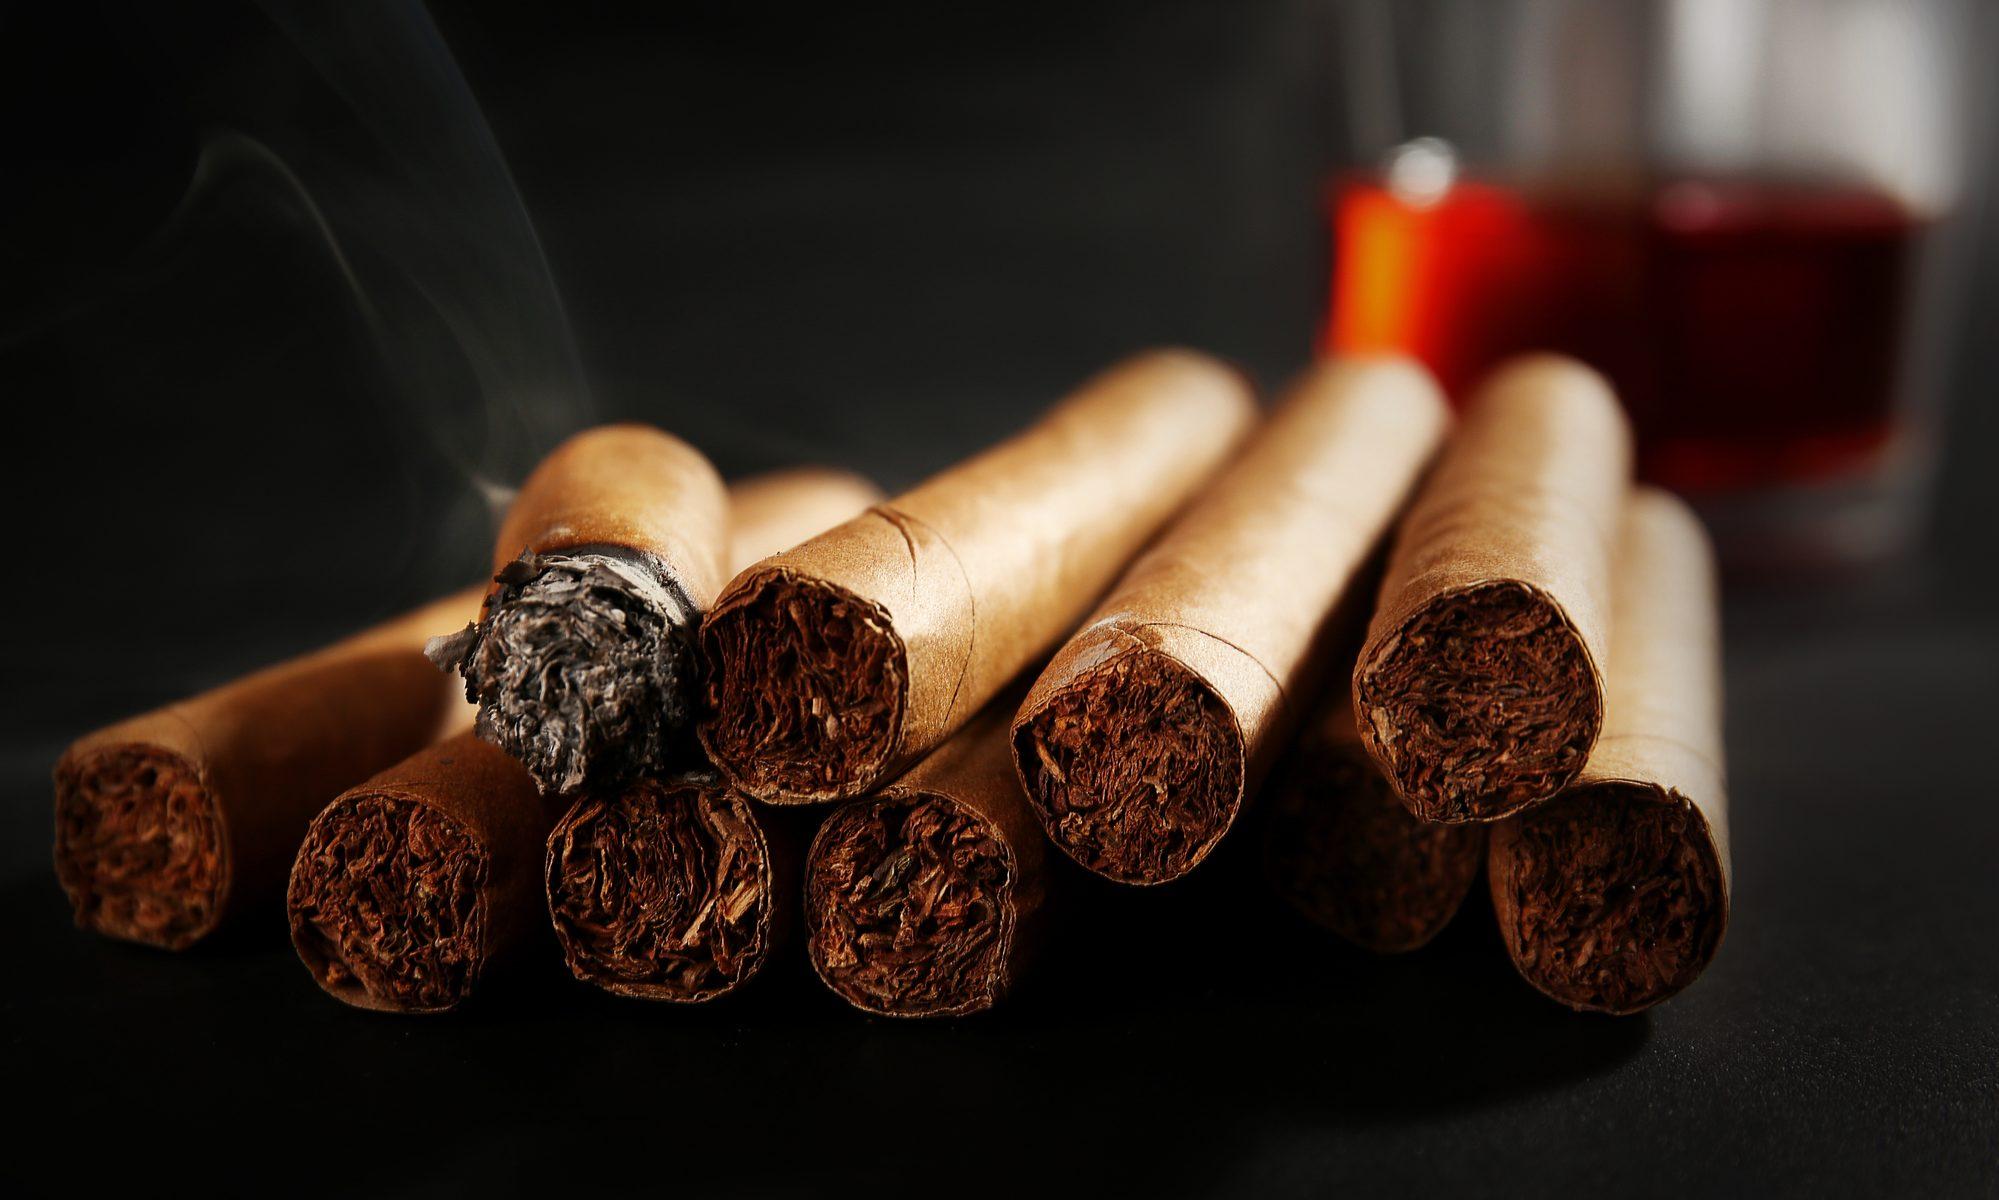 meilleur cigare rapport qualité prix